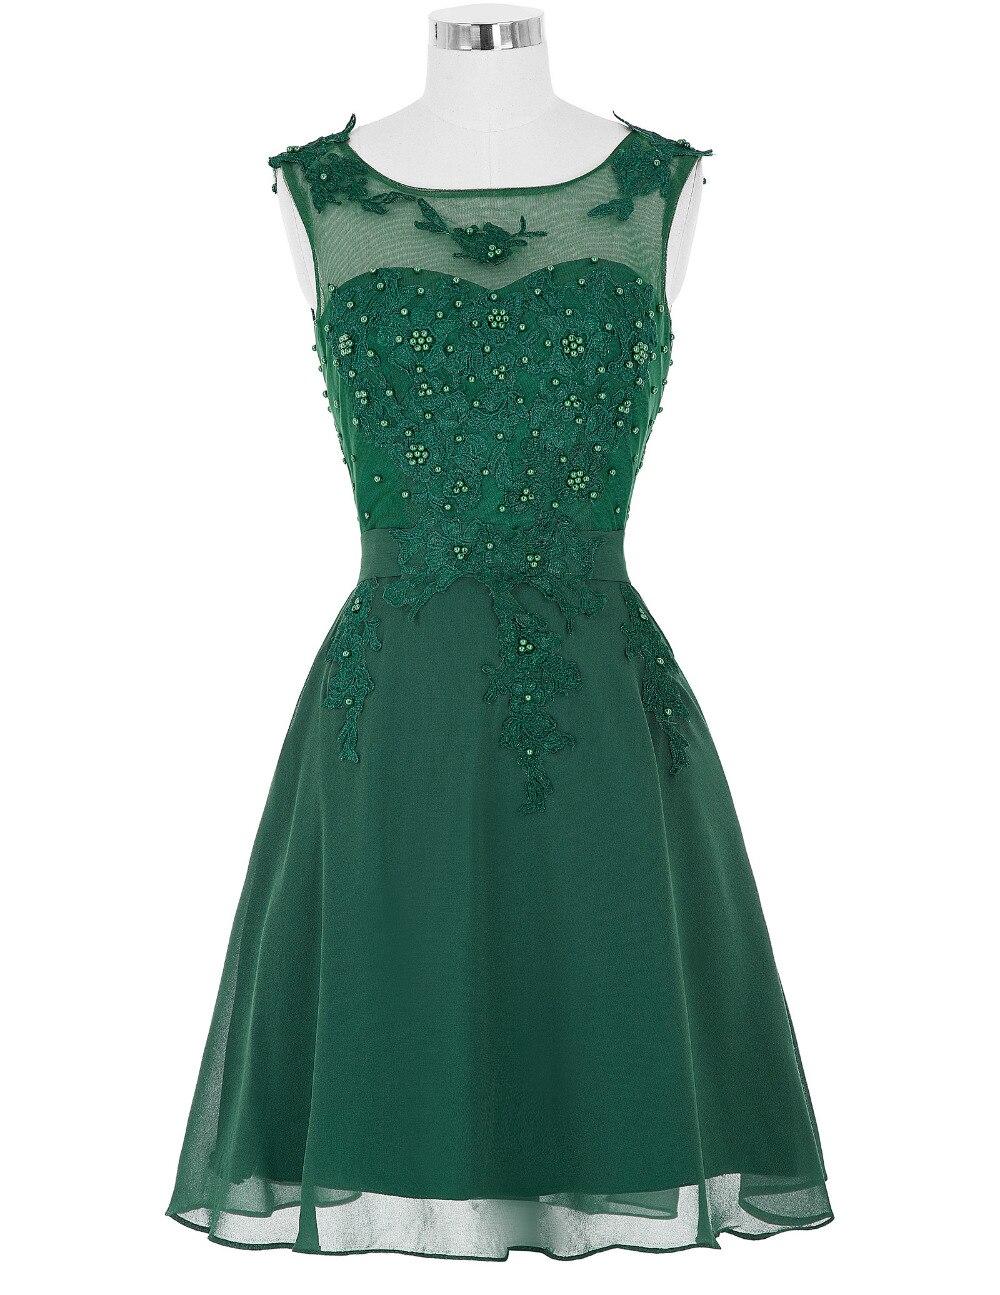 Online Get Cheap Emerald Green Prom Dress -Aliexpress.com ...